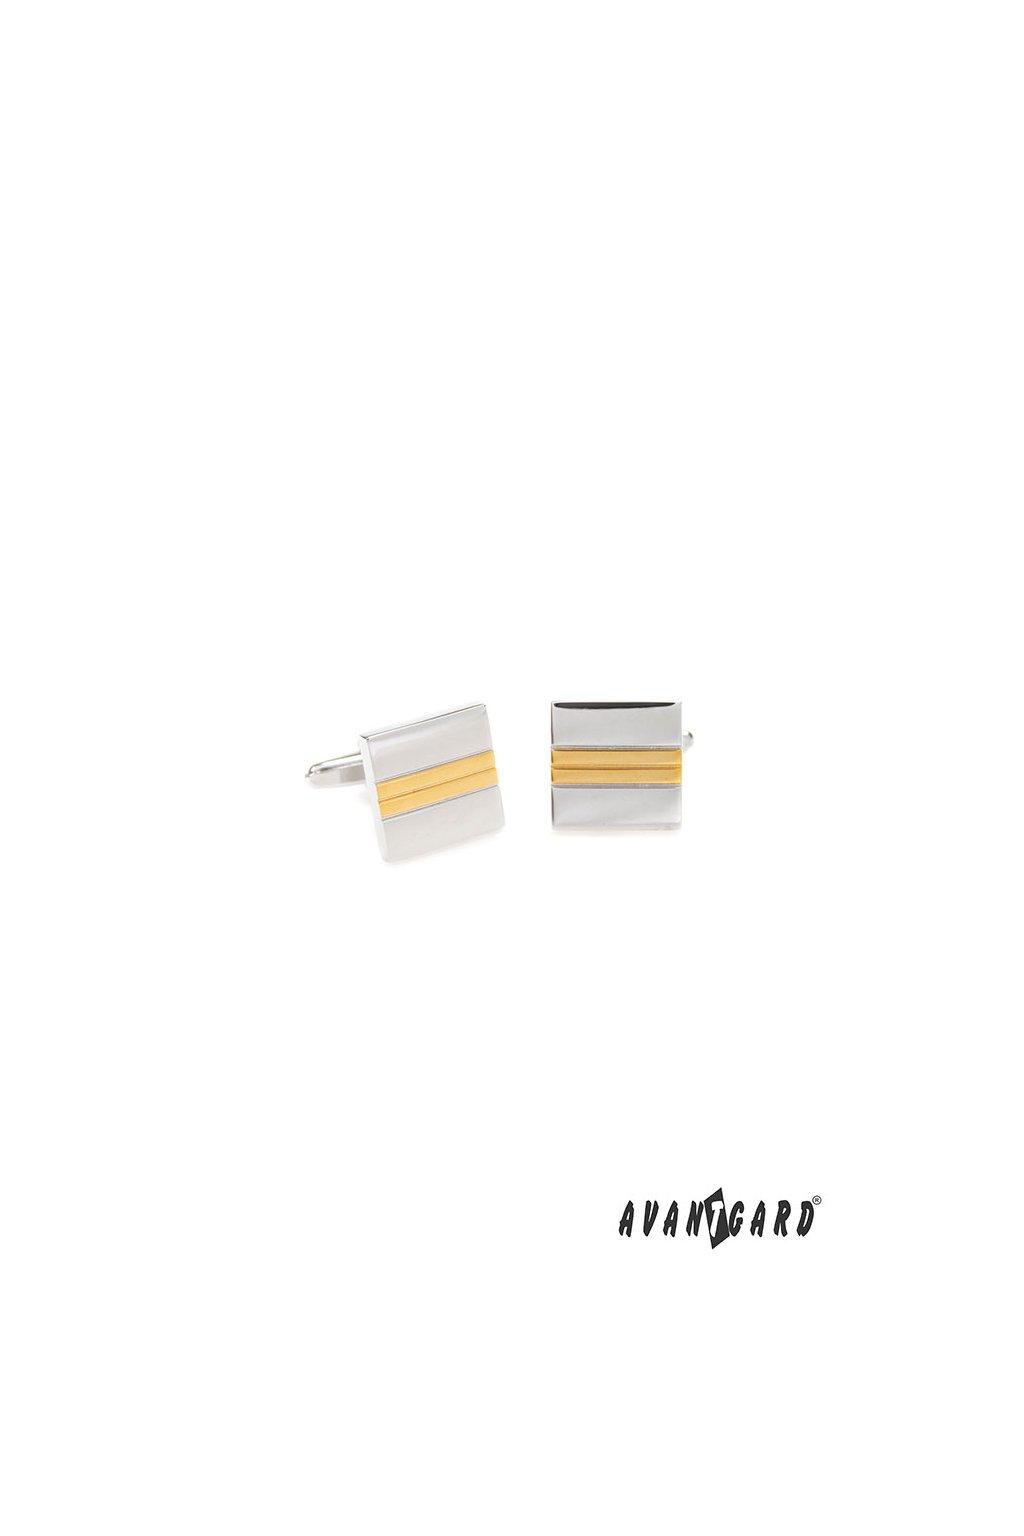 Manžetové knoflíčky PREMIUM stříbrná, zlatá 573 - 30009